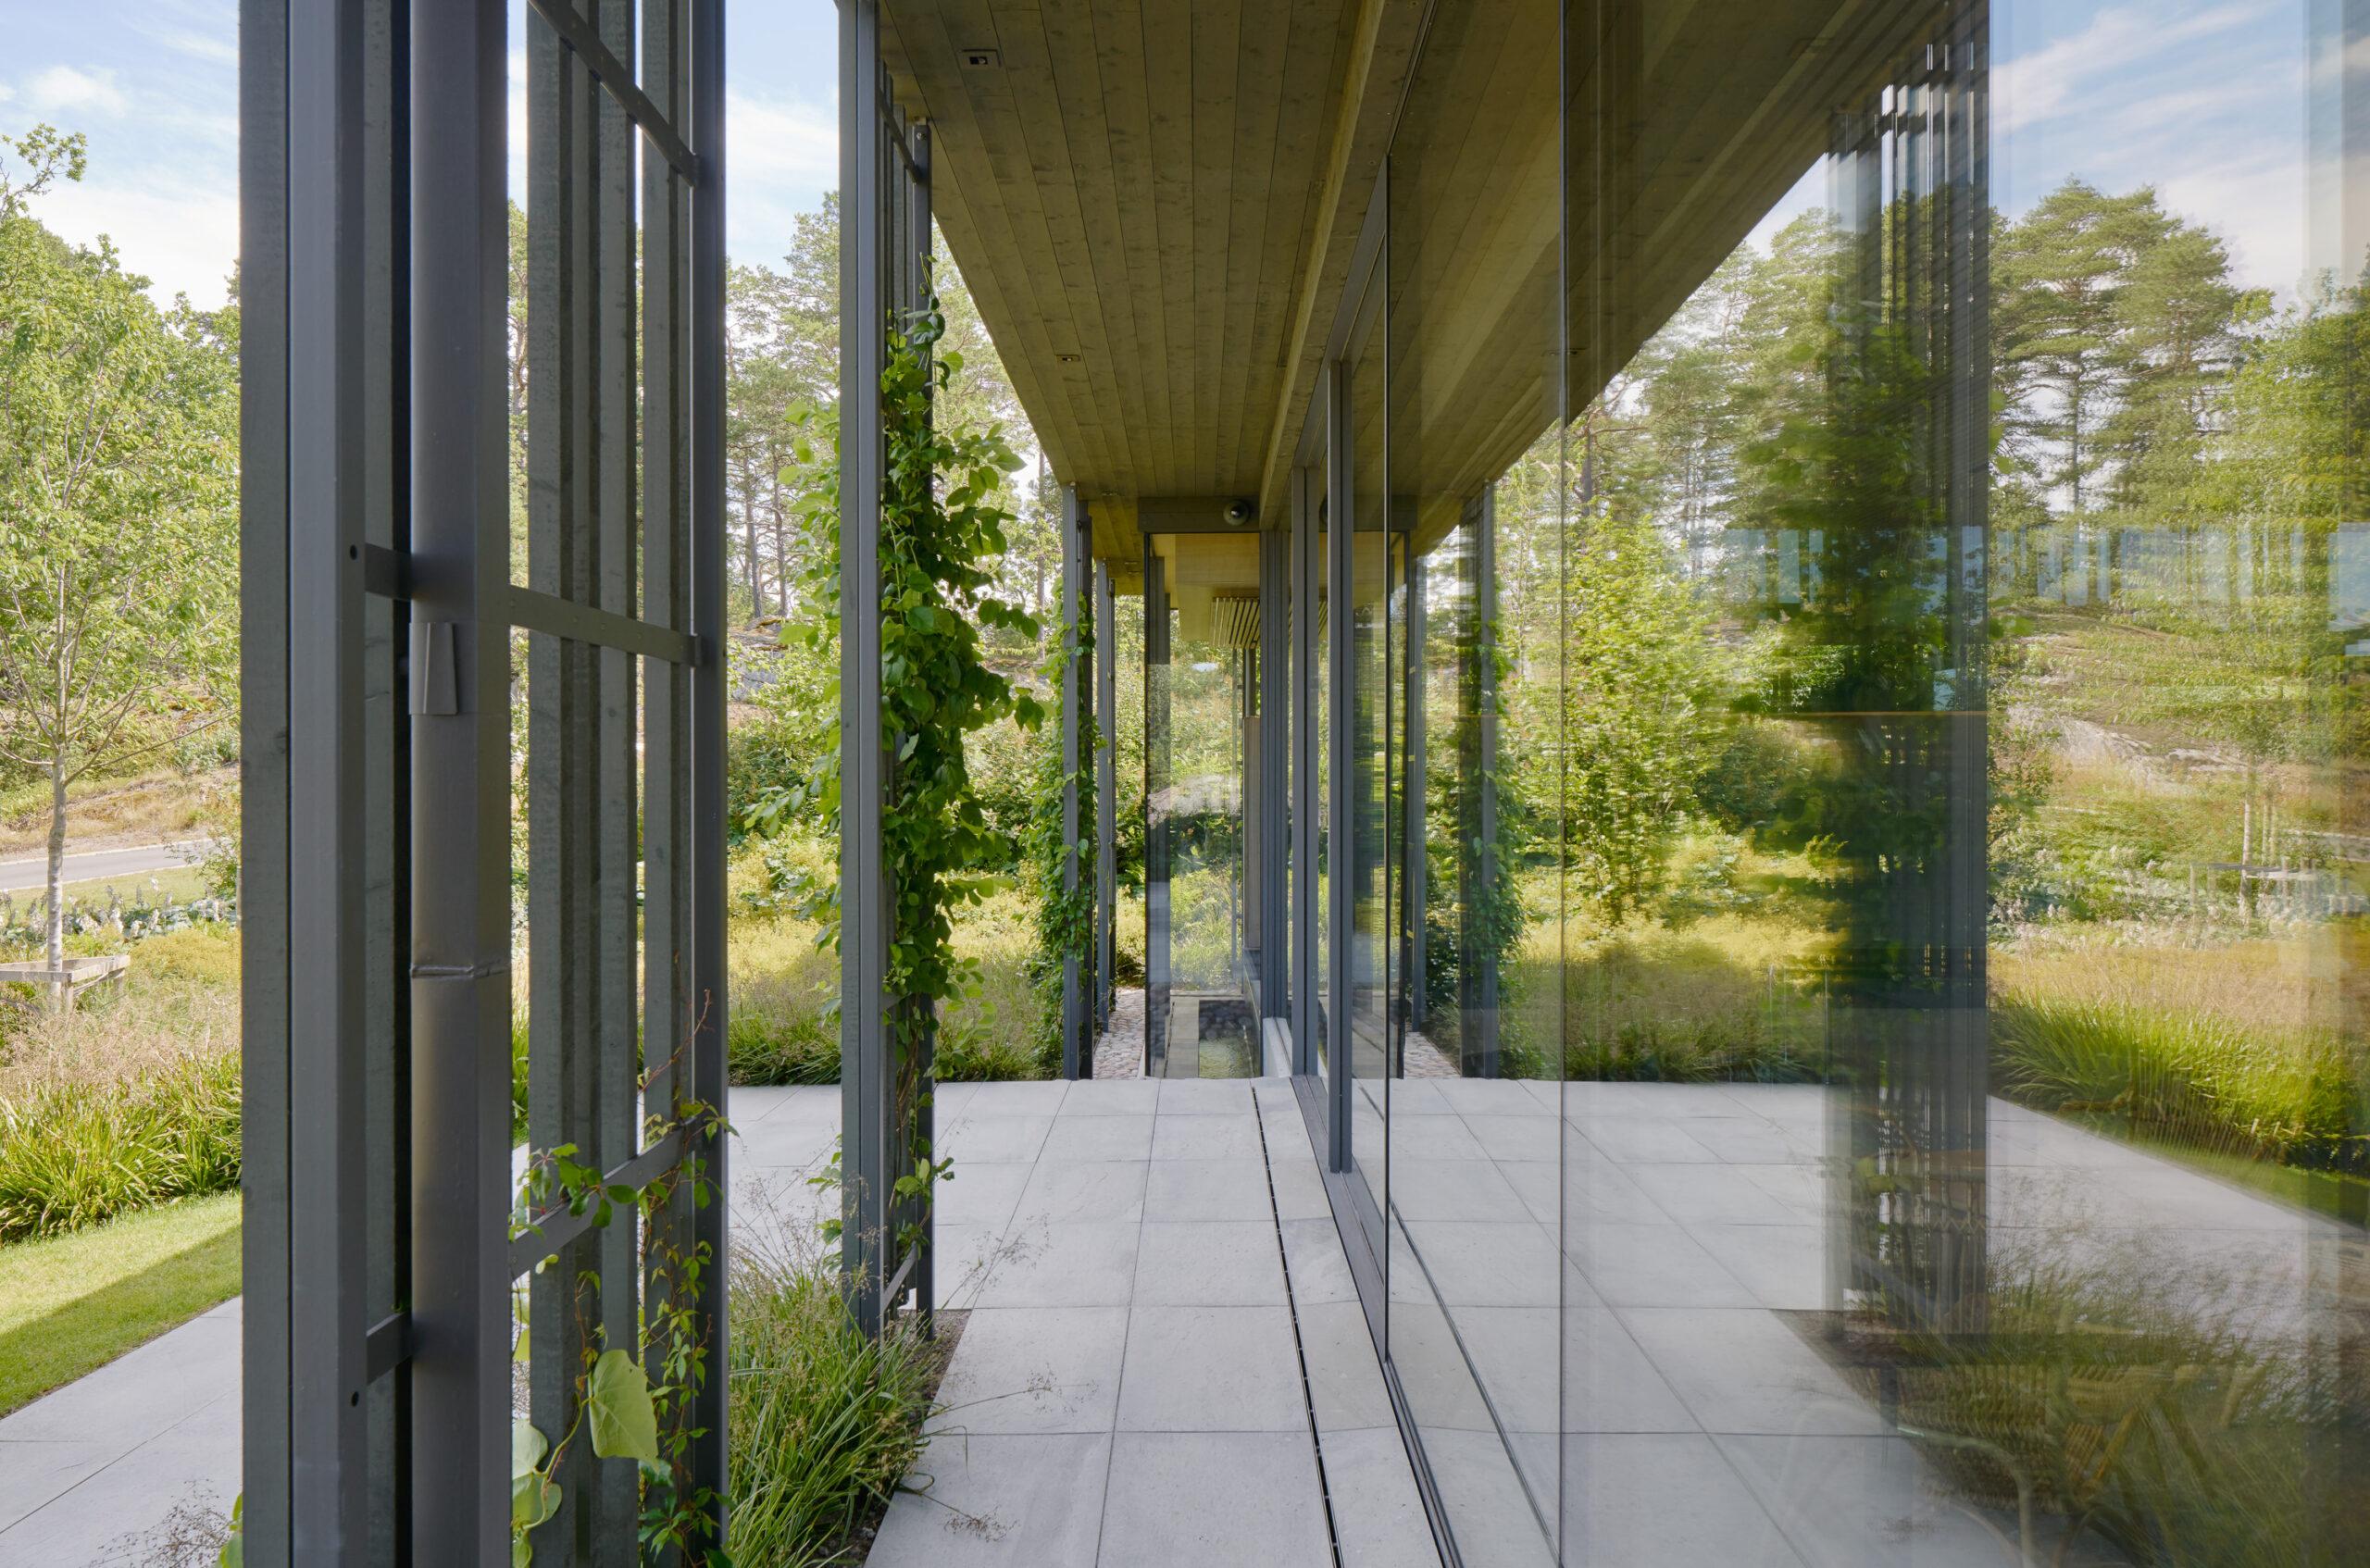 Margen Wigow Arkitektkontor